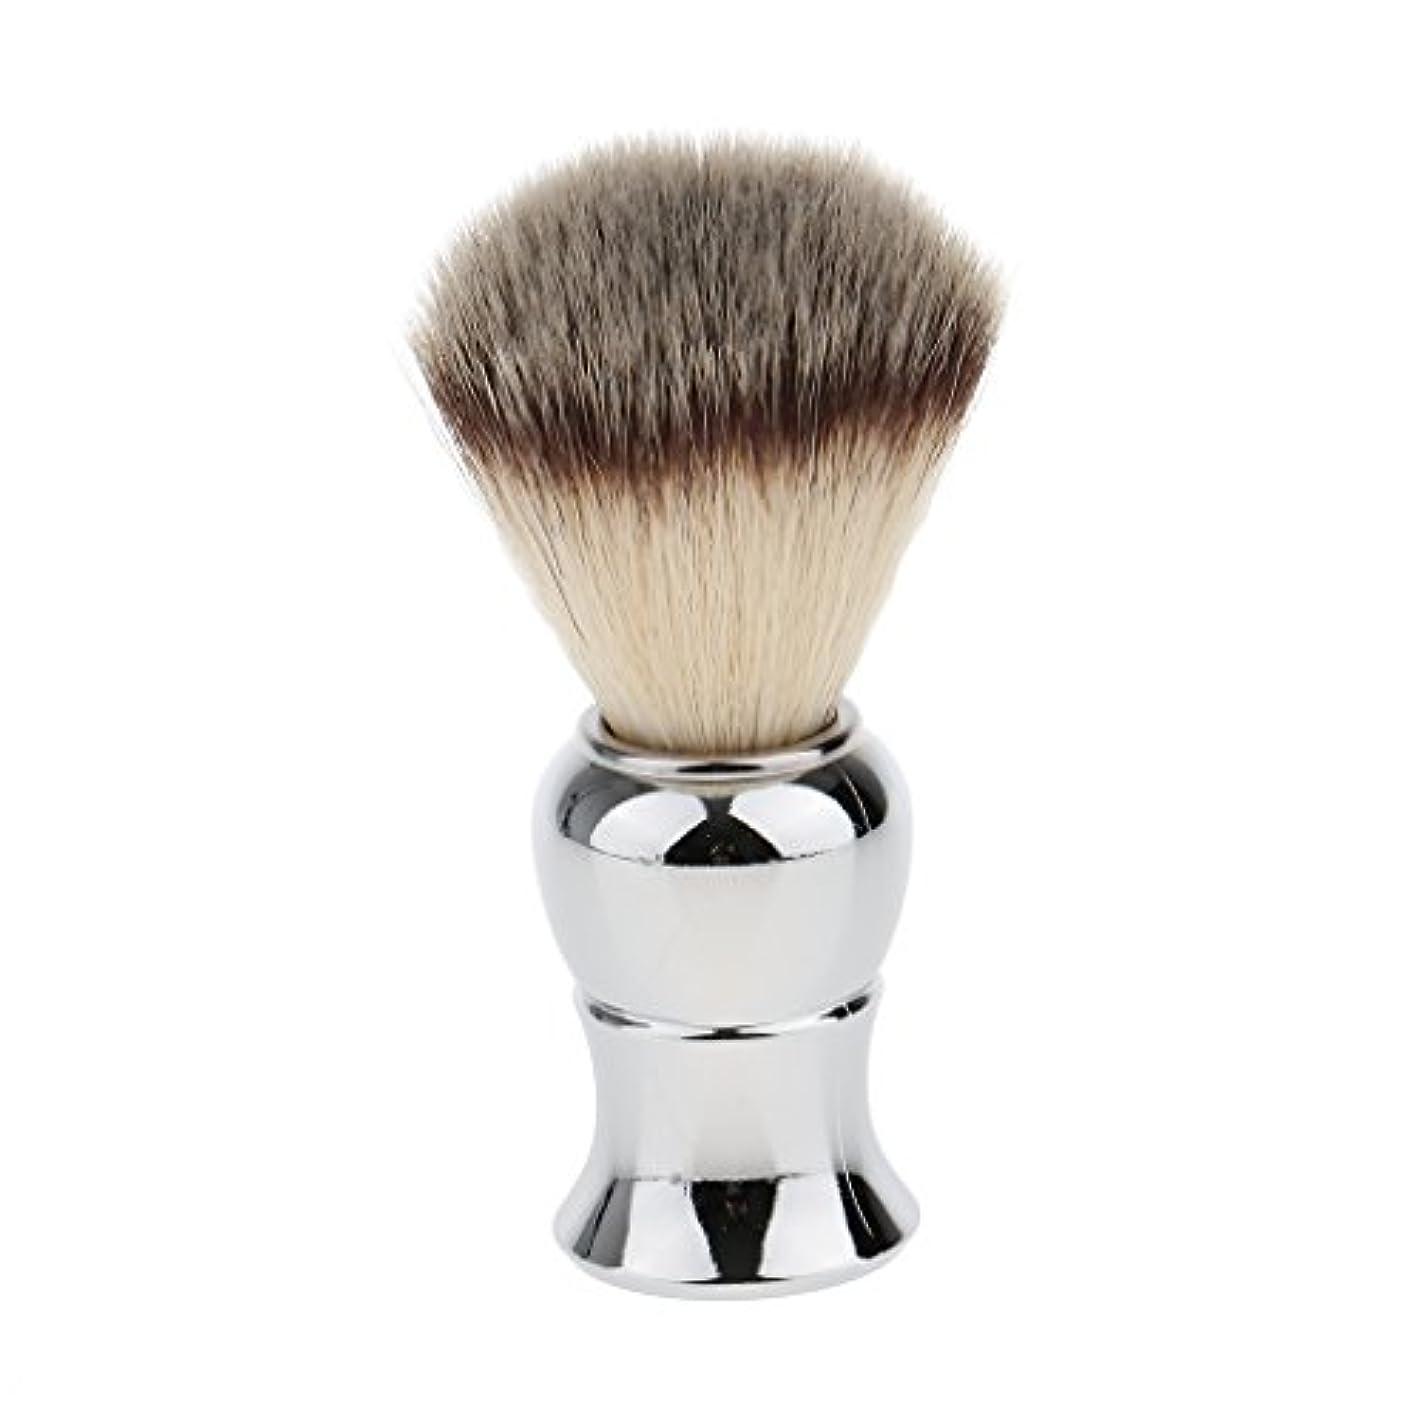 好きであるサドルアフリカ人Kesoto メンズ シェービングブラシ ソフト ナイロン 合金ハンドル シェービング ブラシ サロン 髭剃りツール